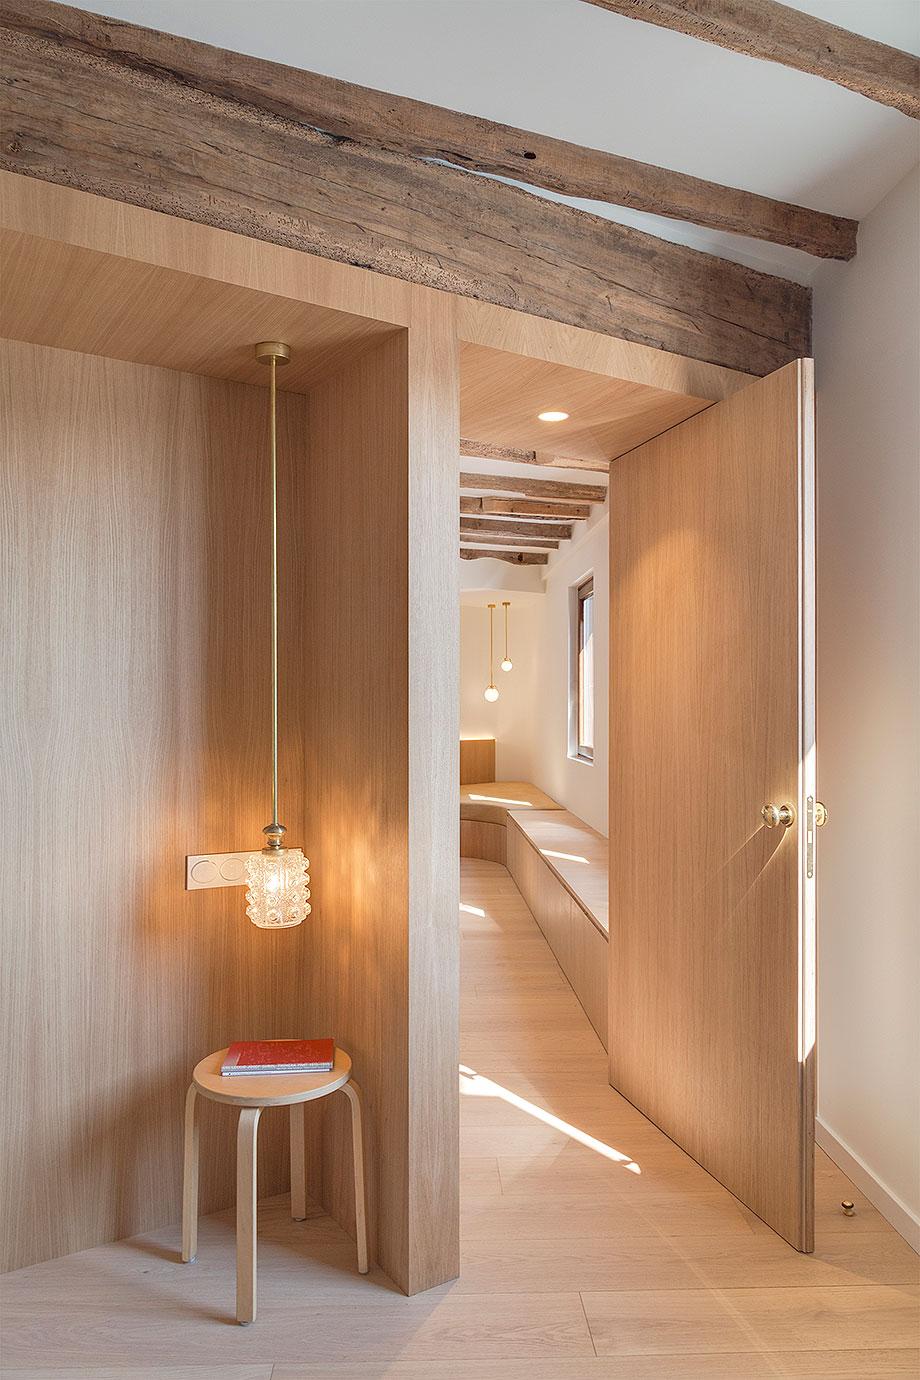 casa kaia de amaia arana arkitektura (15) - foto iñaki guridi de mitiko estudio